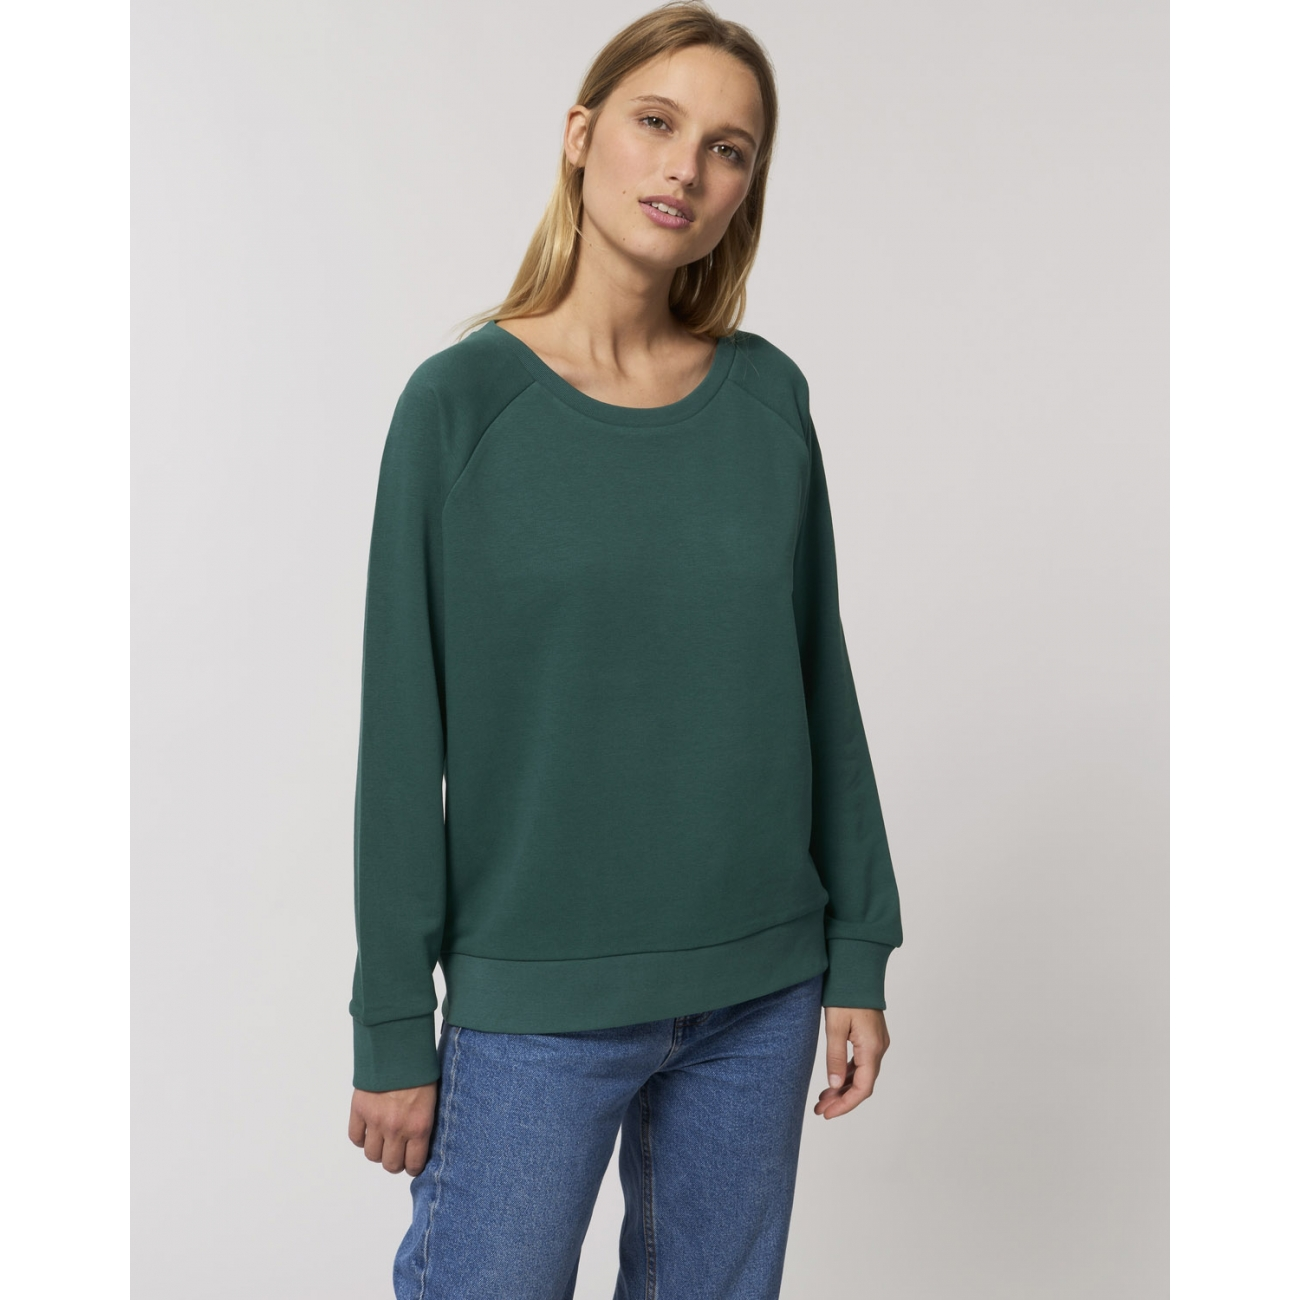 https://tee-shirt-bio.com/8802-thickbox_default/sweat-col-rond-vert-bouteille-coton-bio-ethique-stella-dazzler.jpg